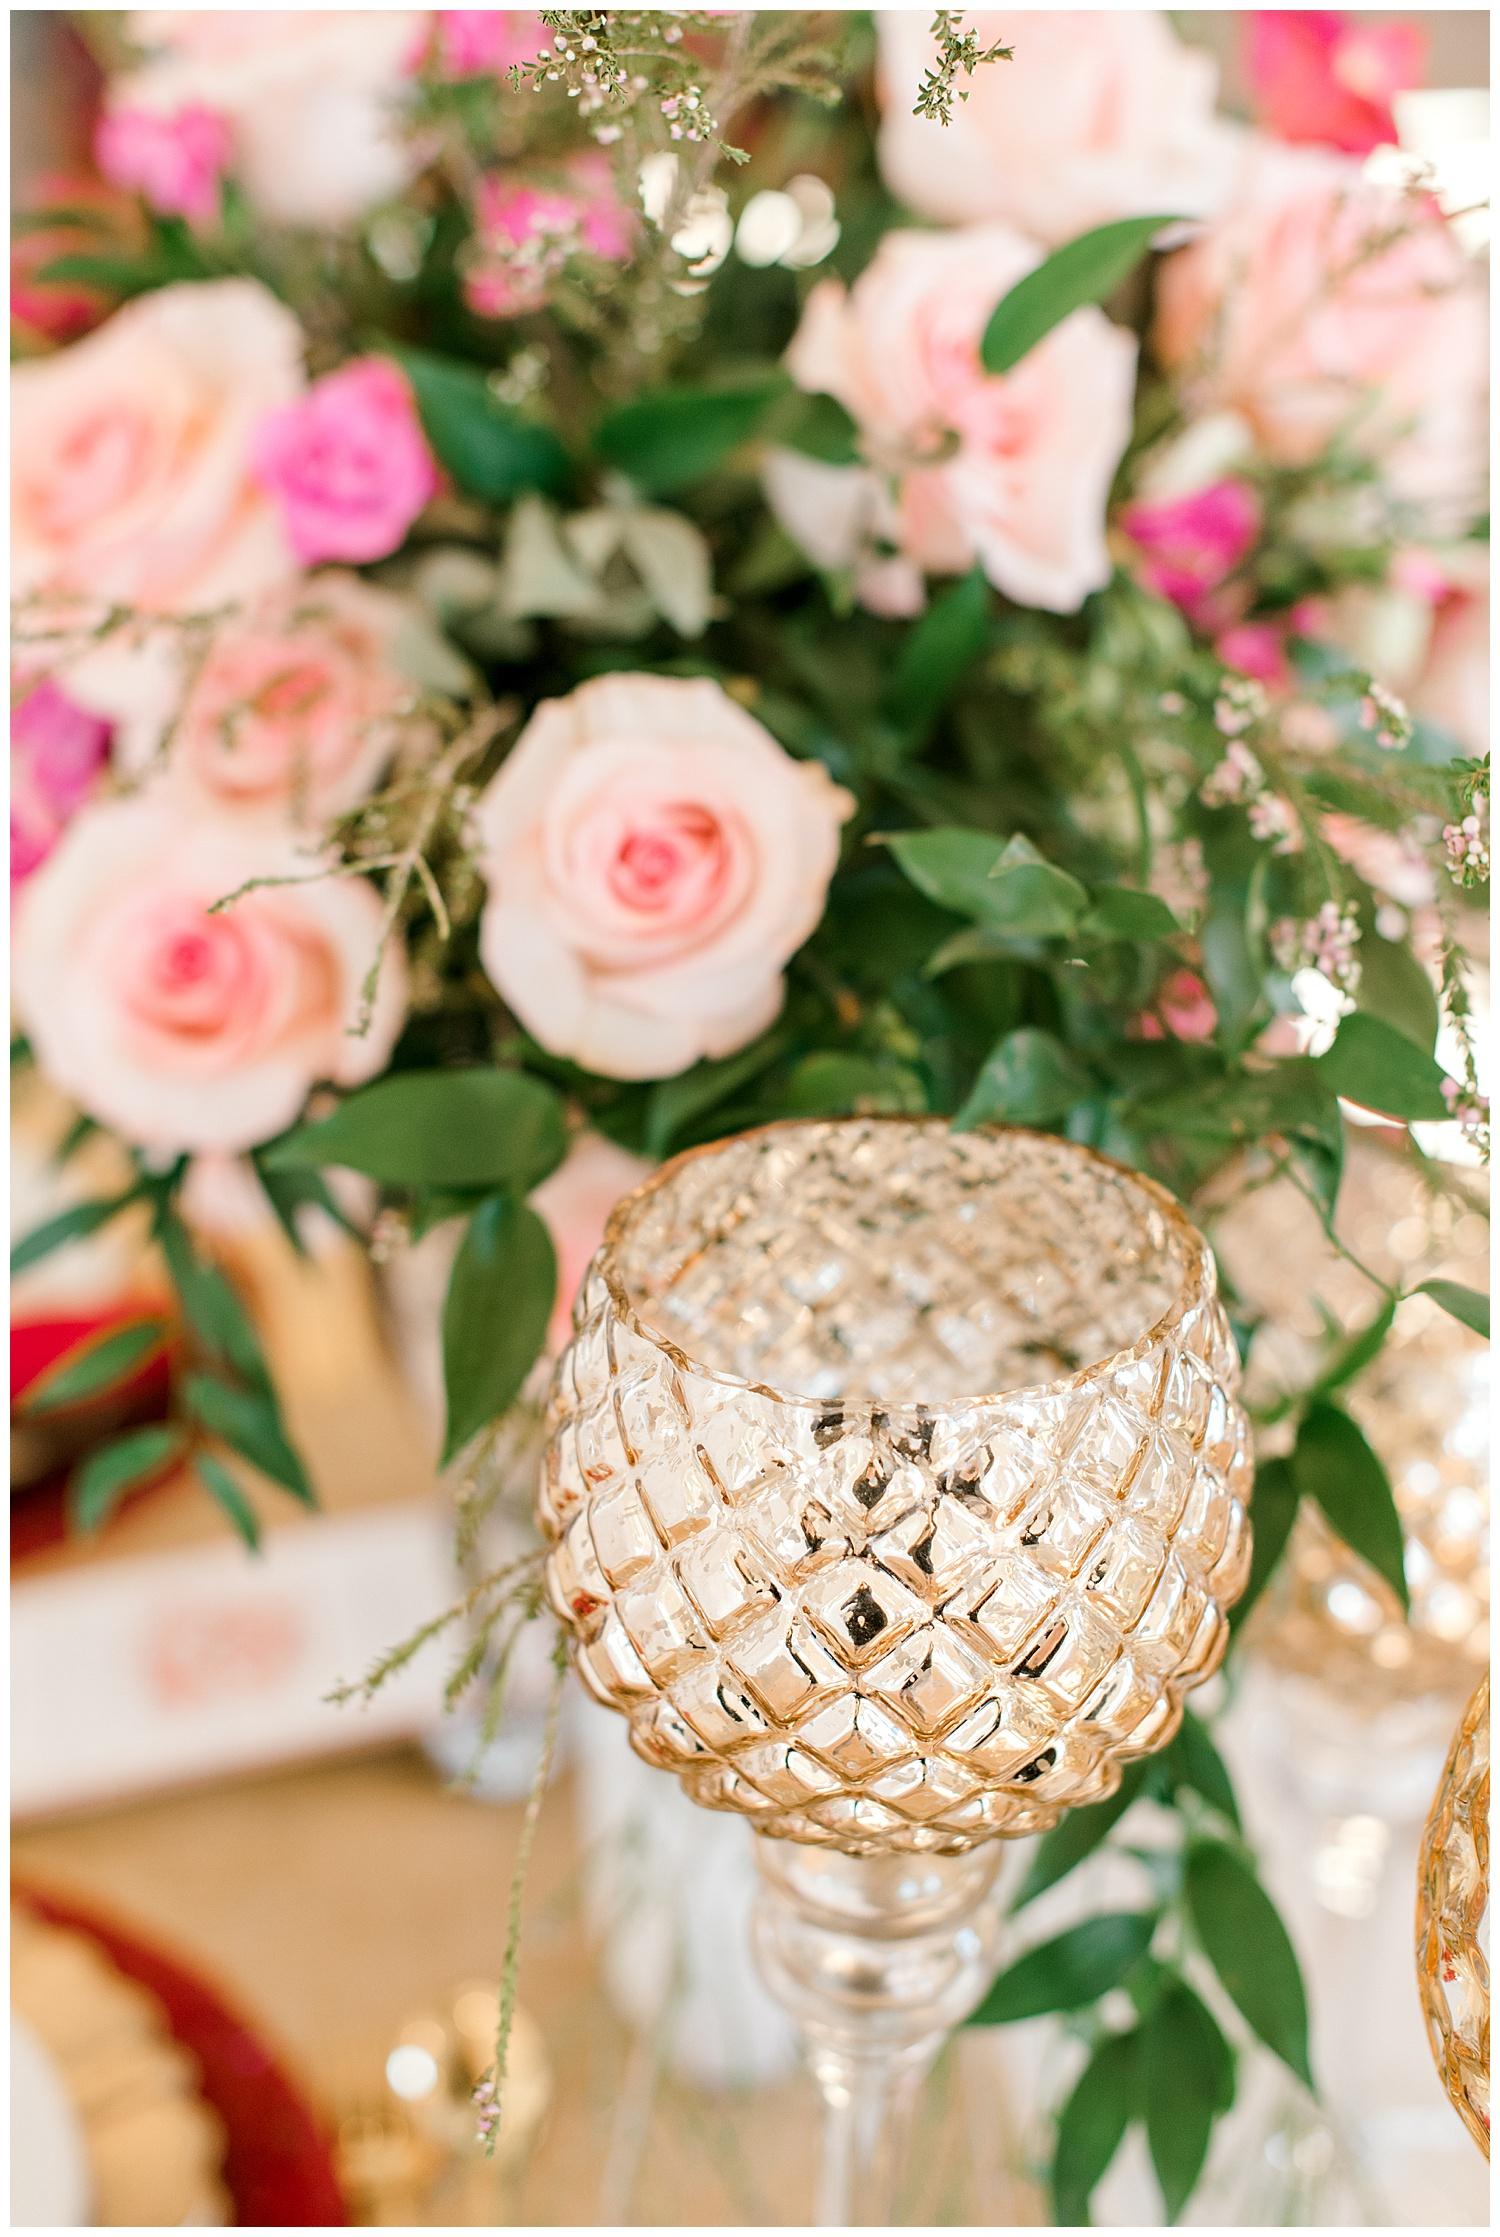 valentines-day-galentines-newport-wedding-photography-queen-annes-loft.-7.jpg